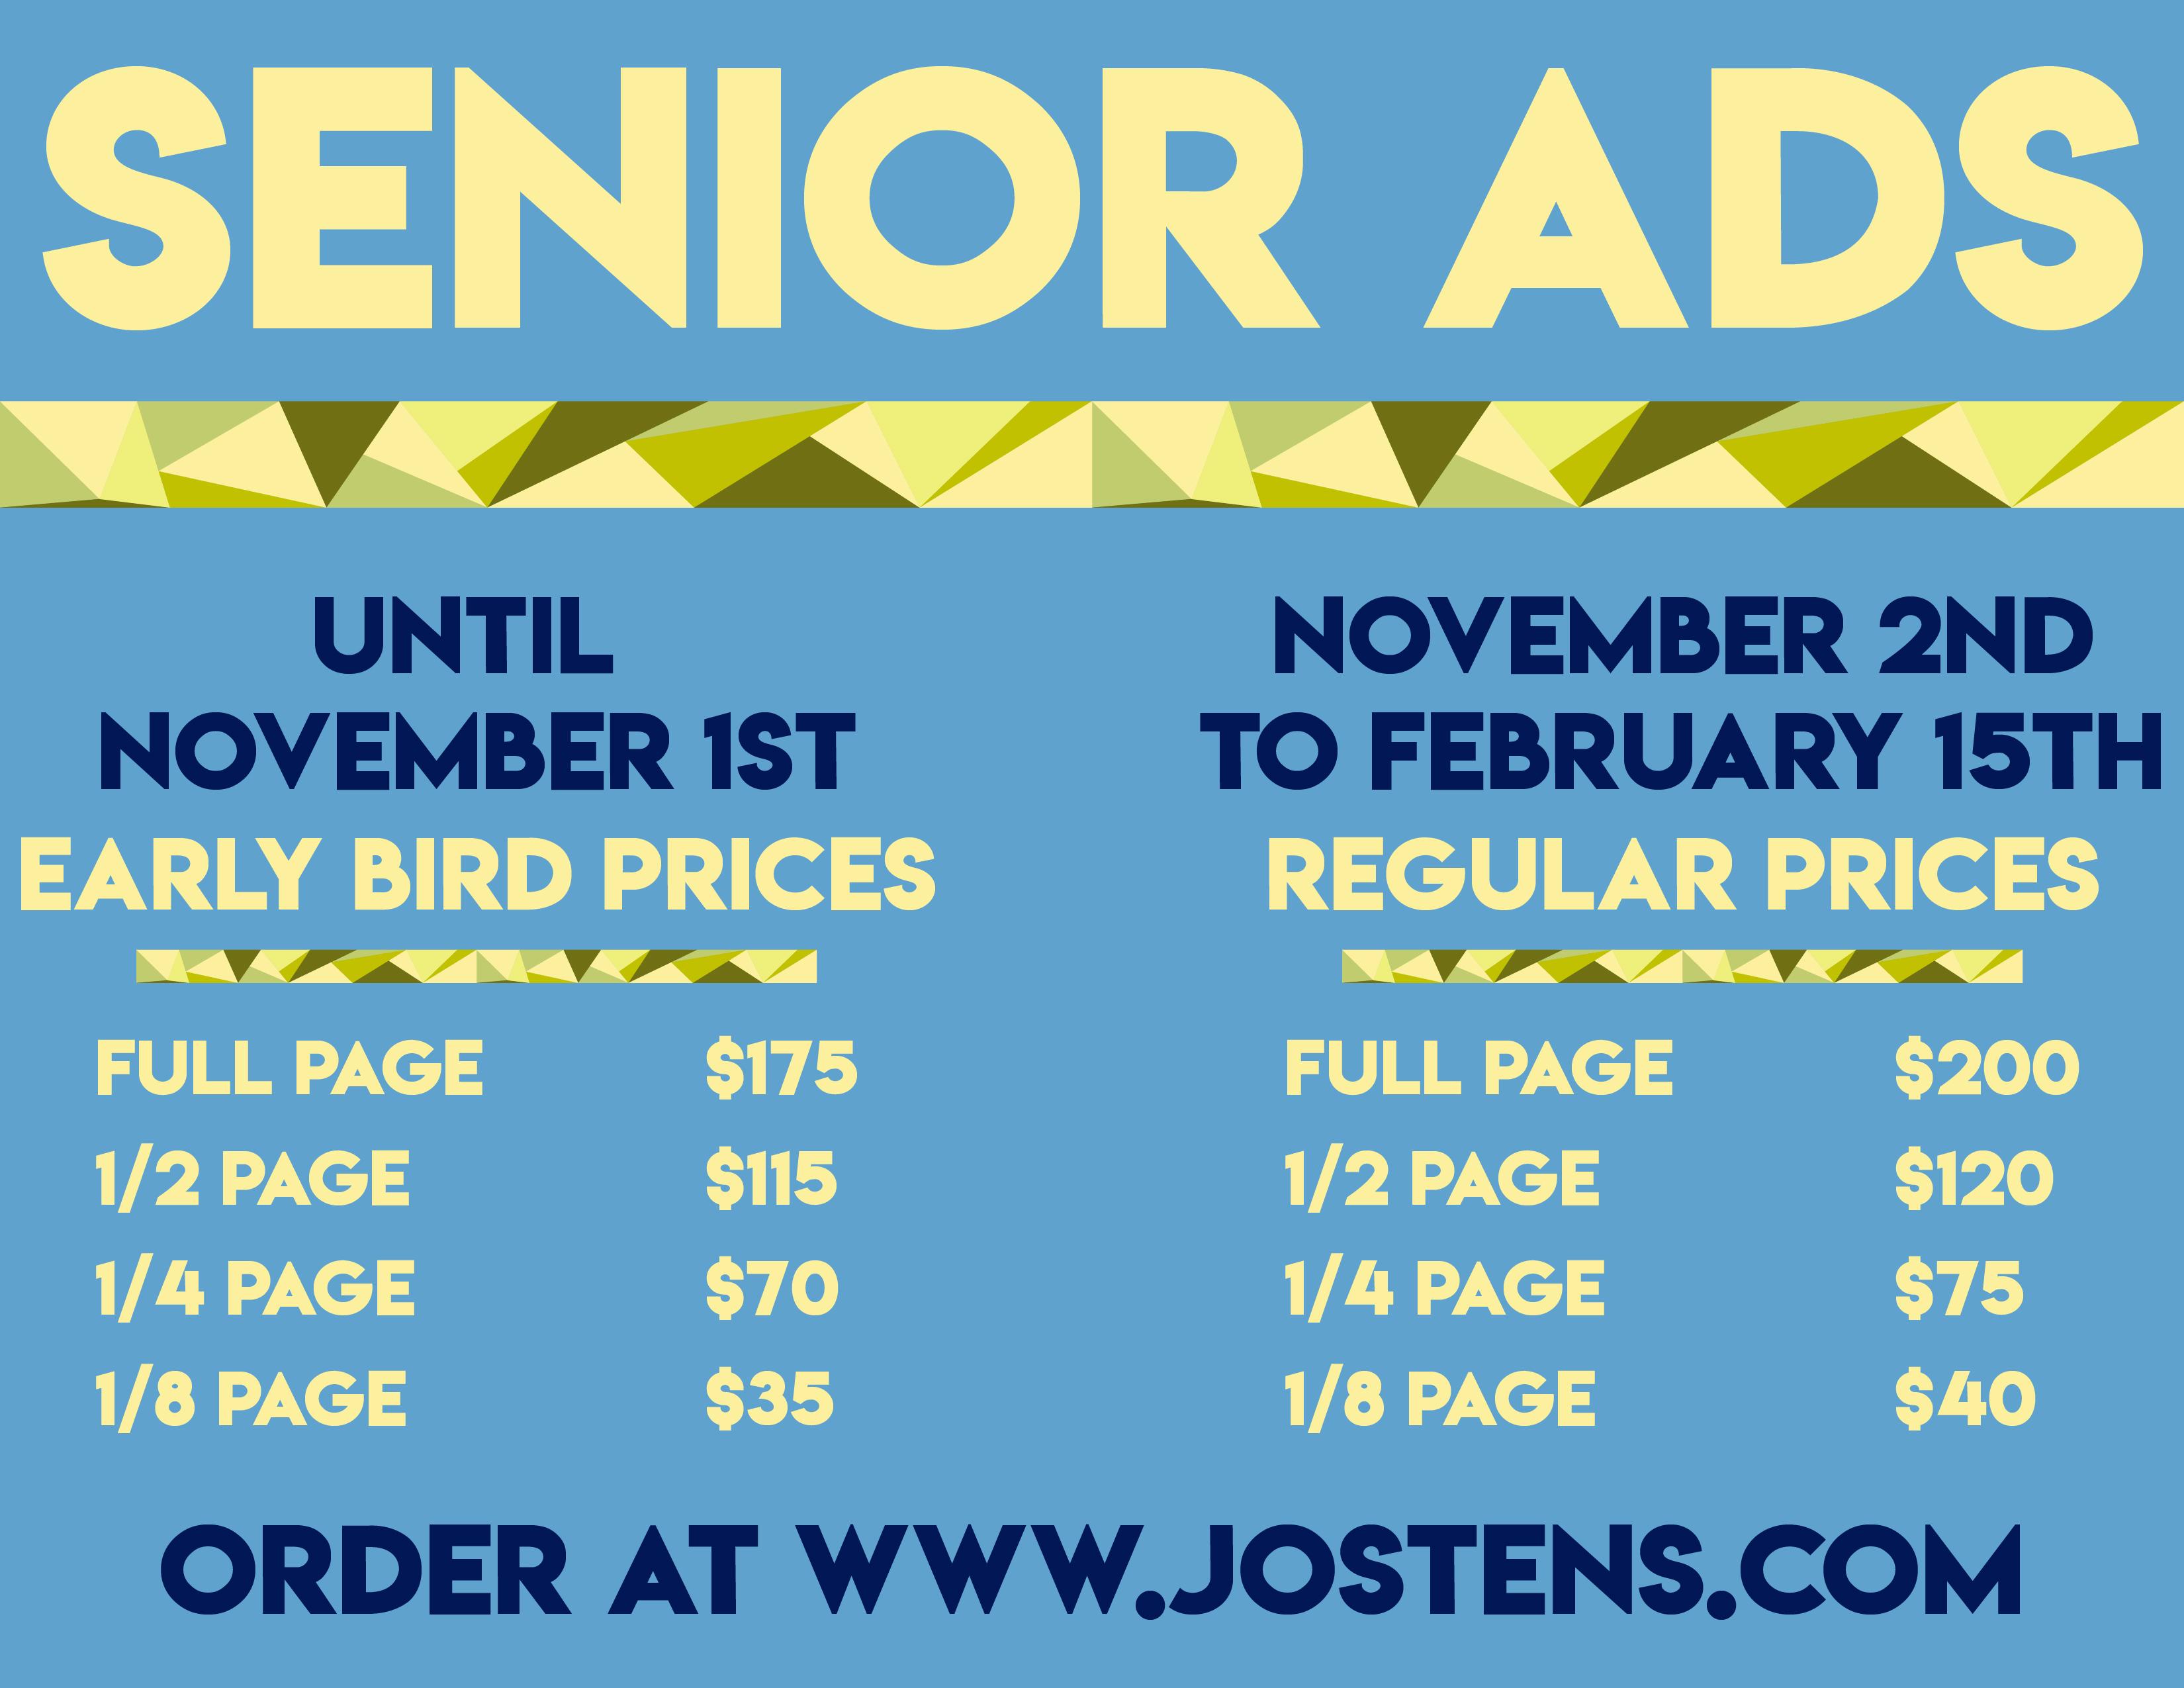 hs-senior-ads.jpg